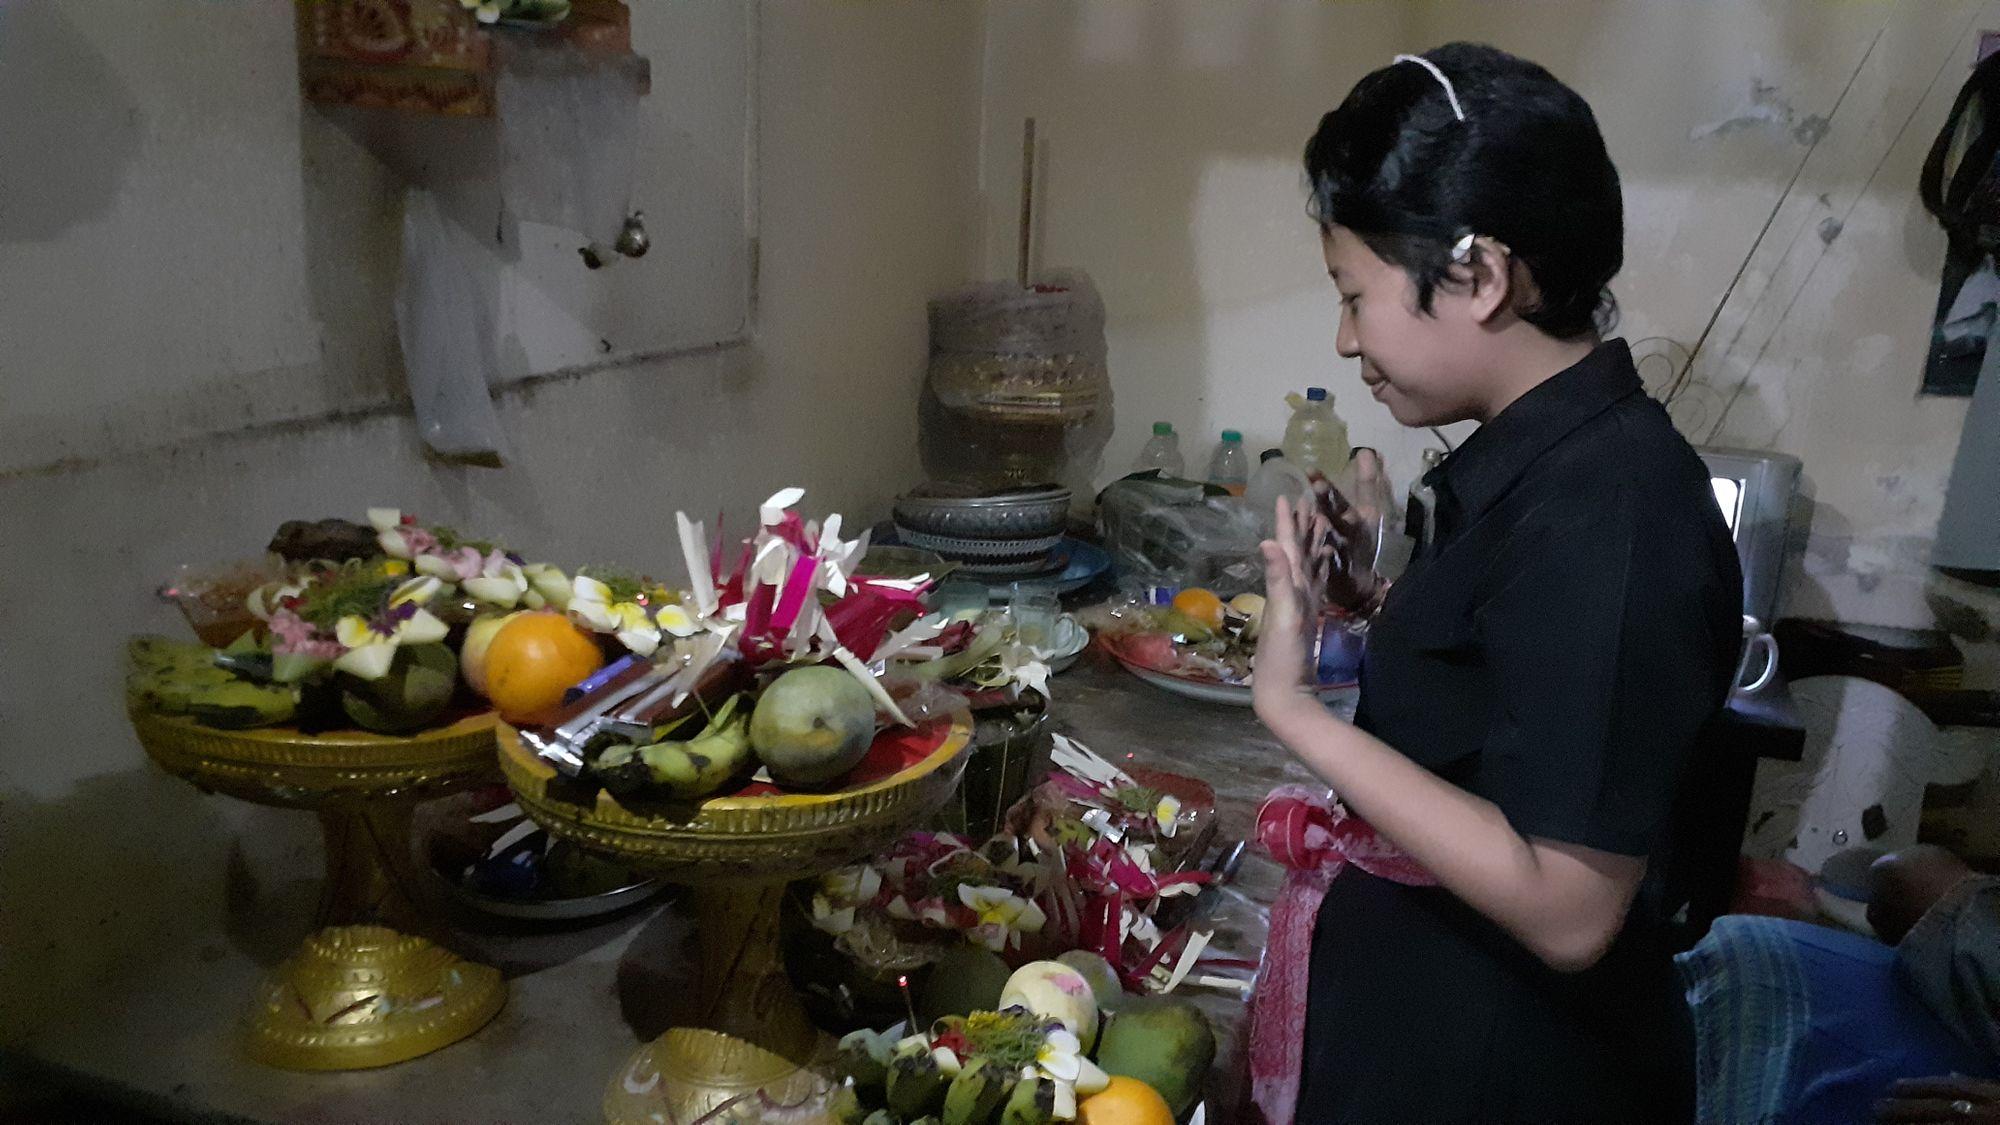 Otonan: Upacara Ultah Menurut Kepercayaan Orang Hindu Bali